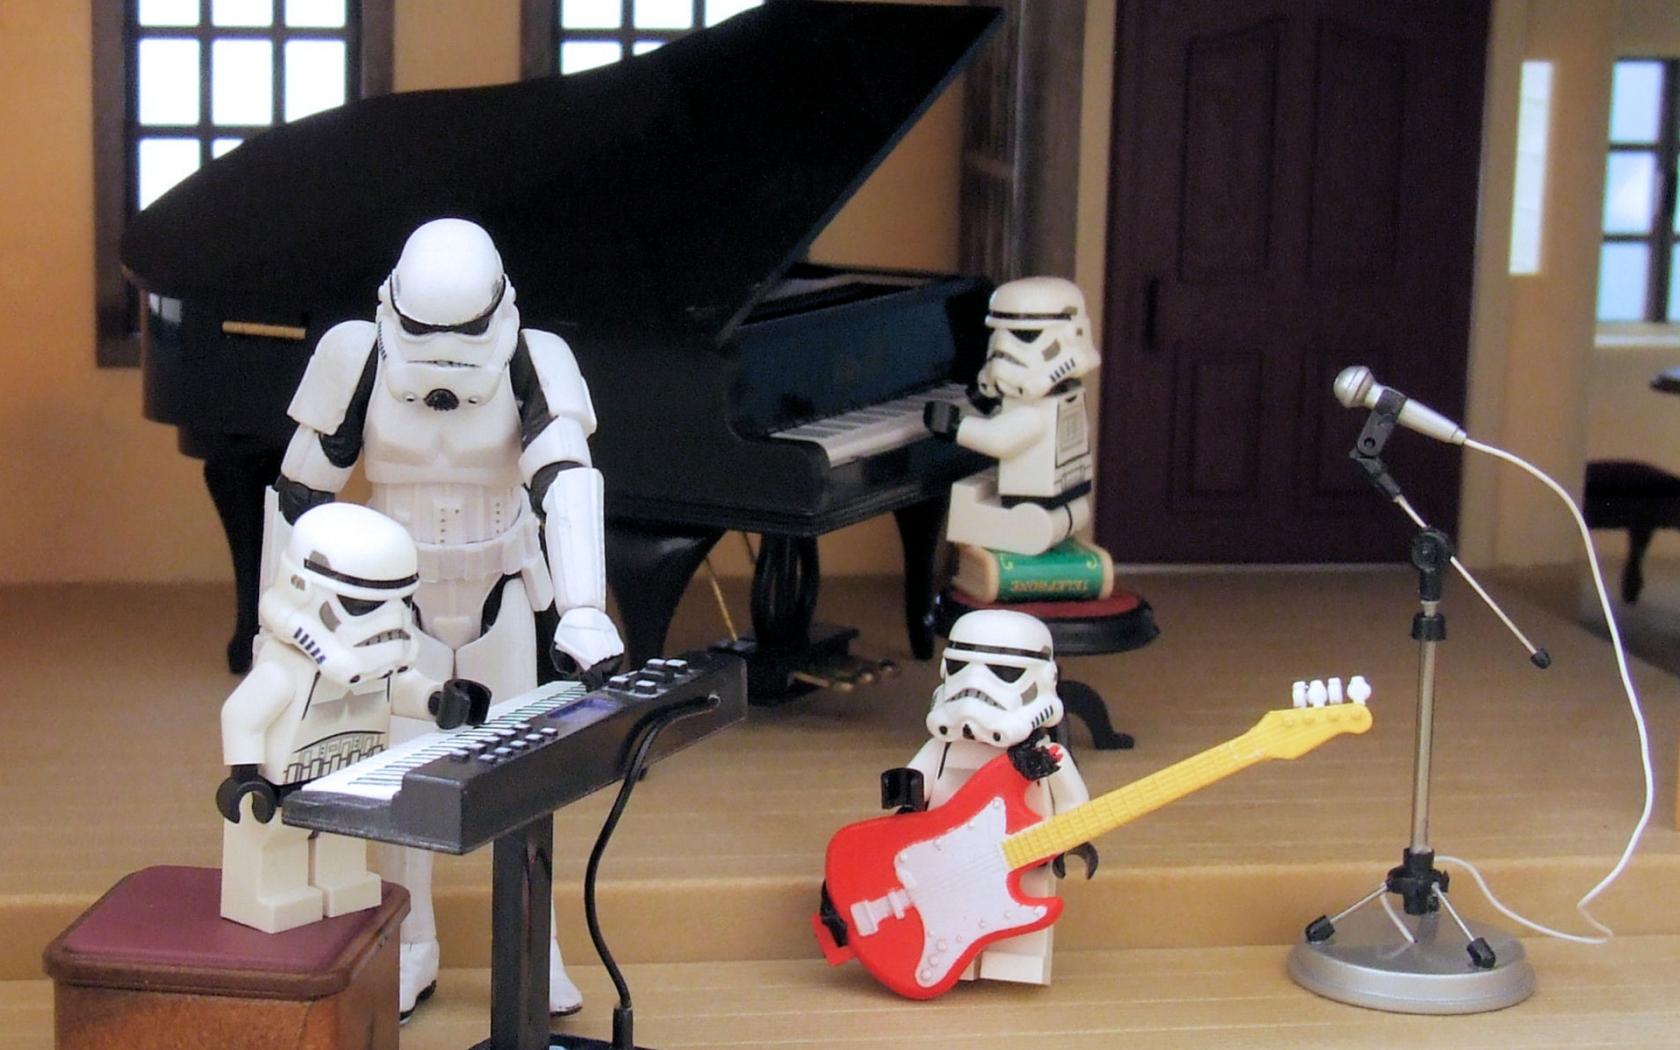 Star Wars Rock - 1680x1050